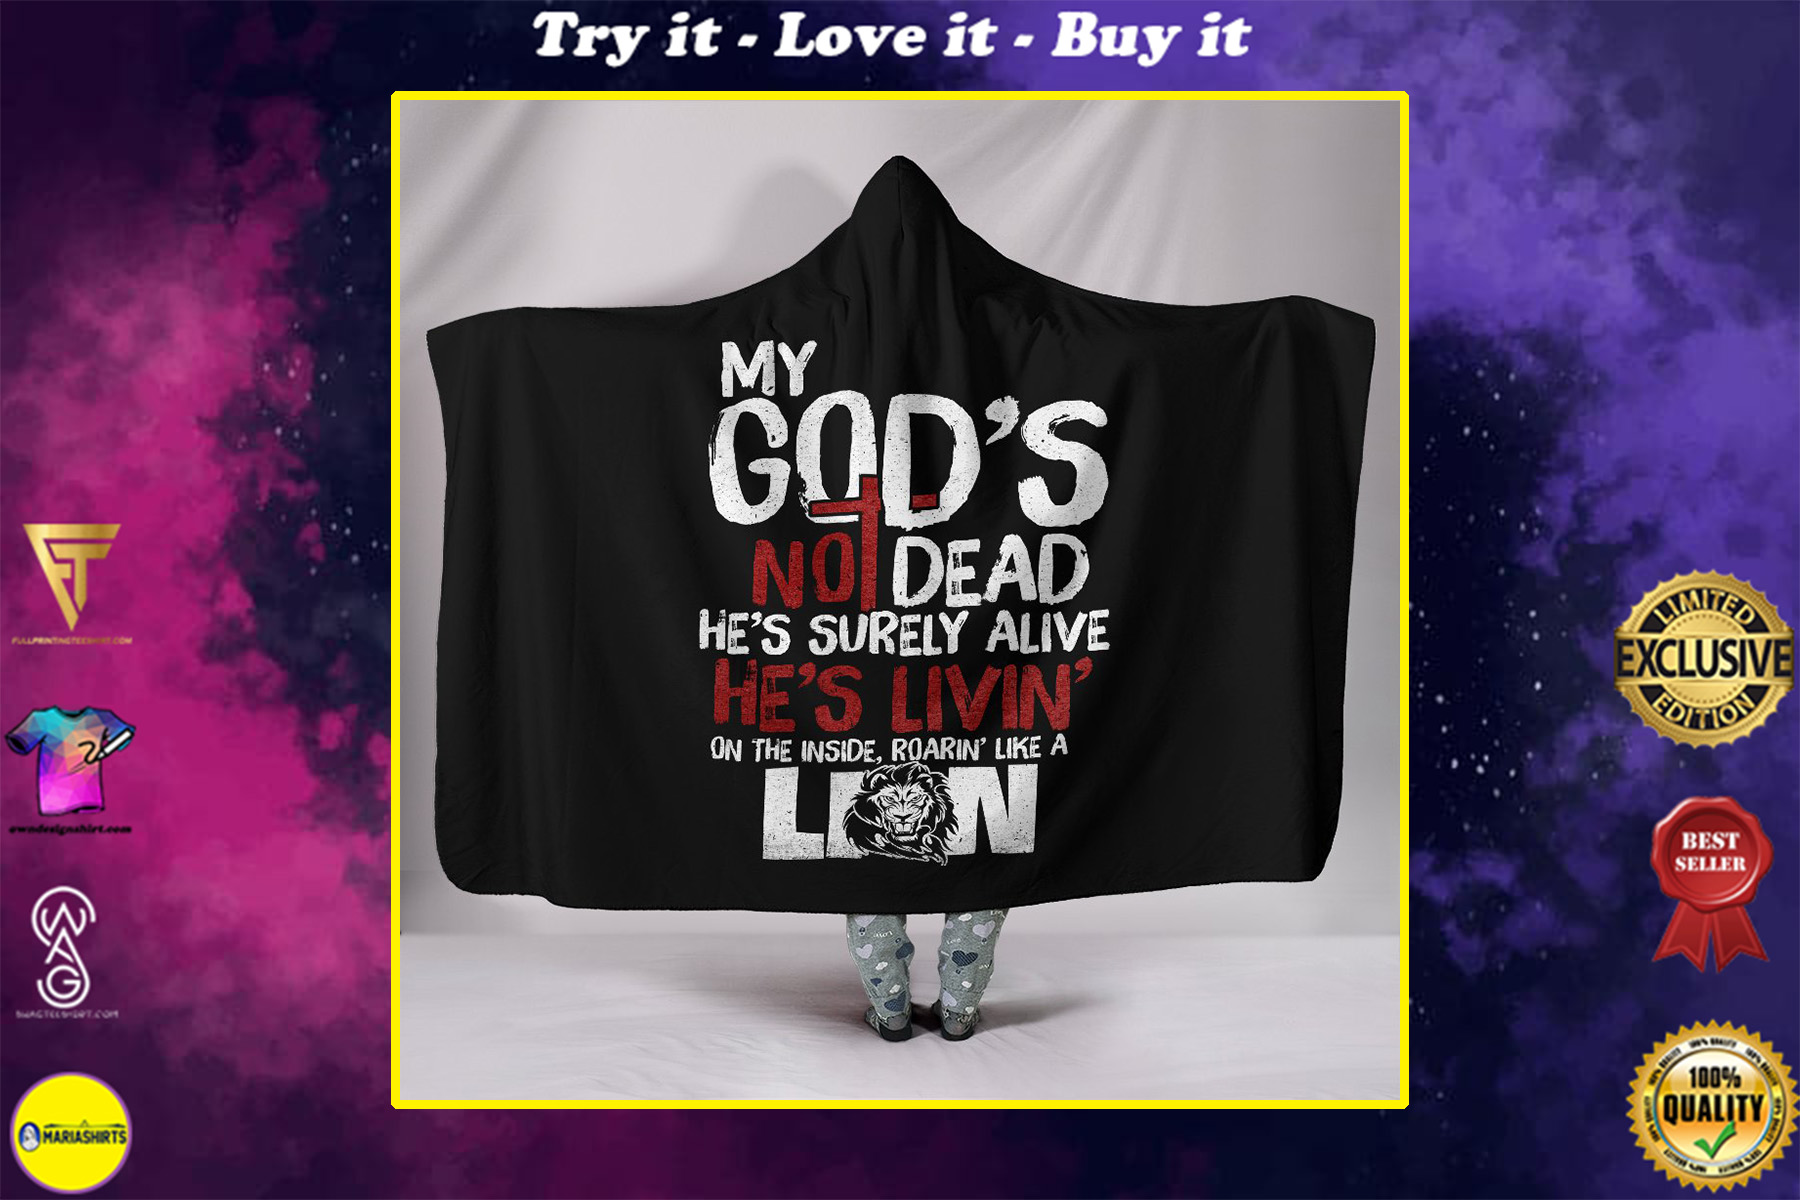 my God's not dead full printing hooded blanket